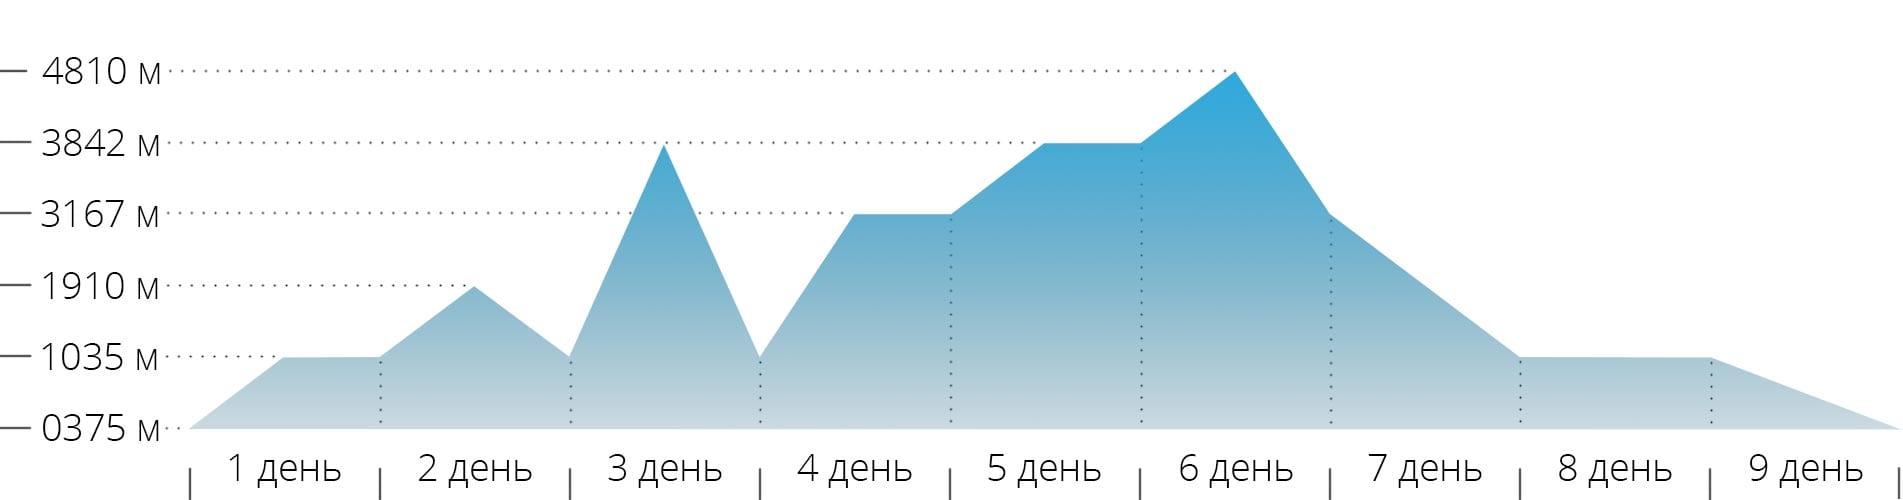 График с высотами для восхождения на гору Монблан по классике с Франции